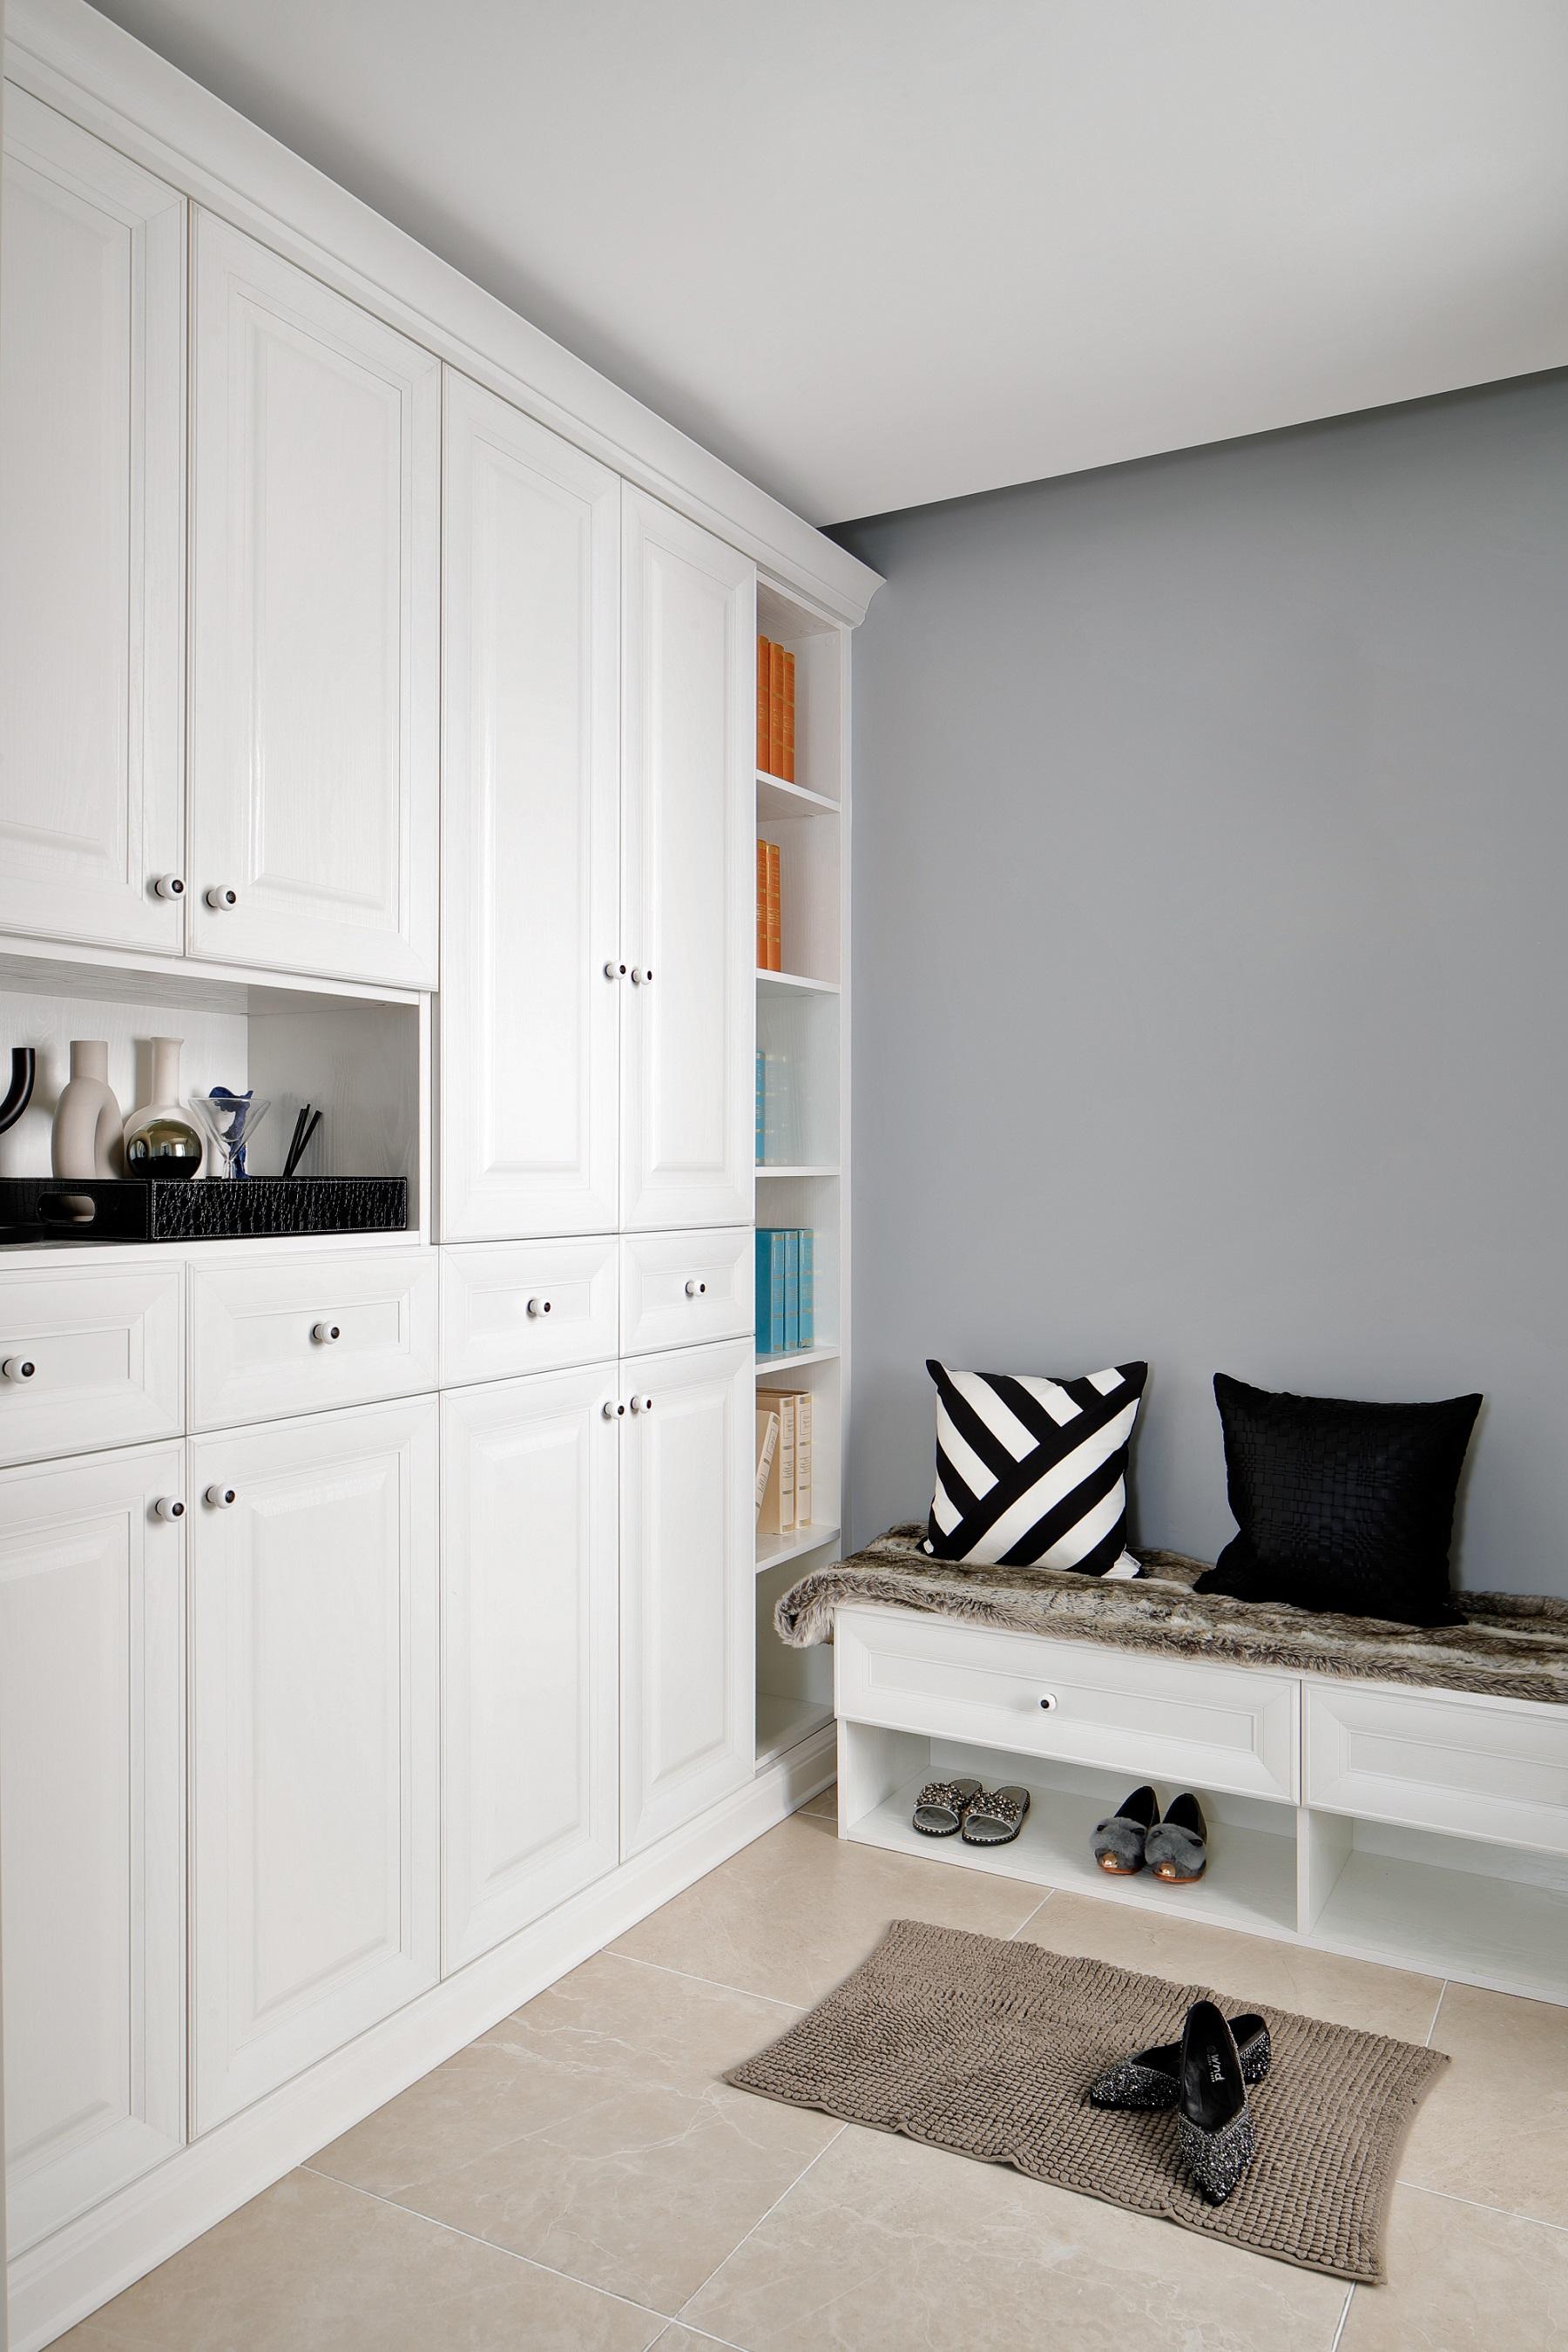 一入玄关,便是通顶玄关柜,包包、衣物等都可以放在里面,旁边设计换鞋凳,便捷又舒适。